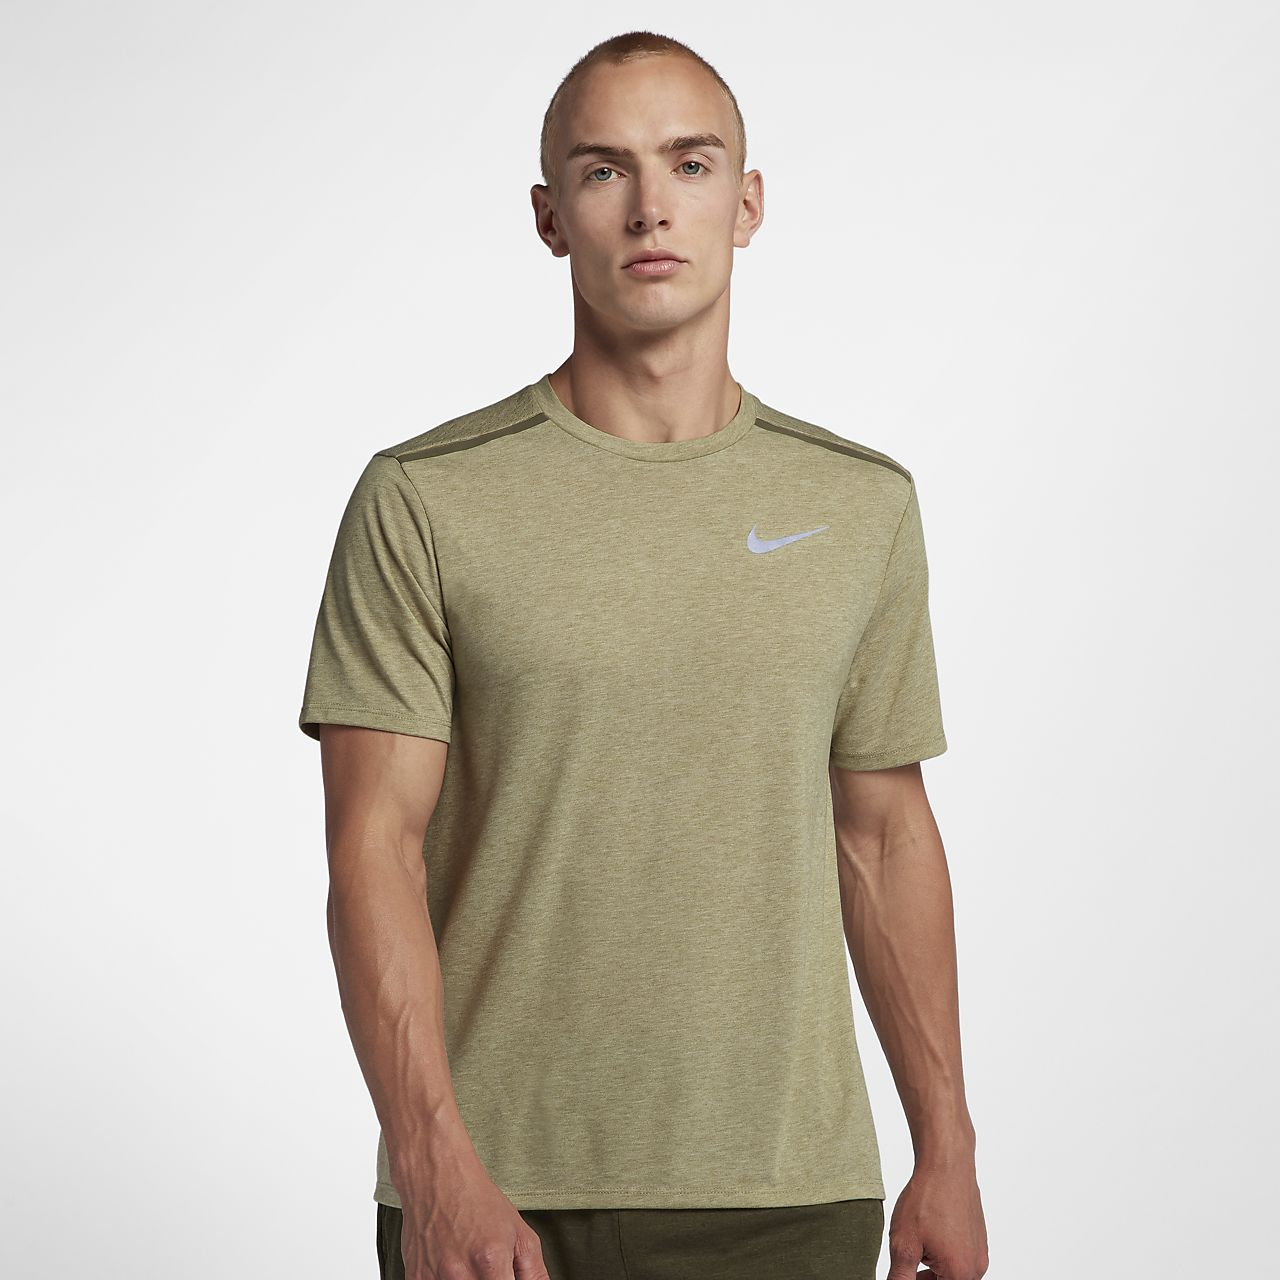 7010907e3759d Nike Dri-FIT Rise 365 Men s Short Sleeve Running Top. Nike.com